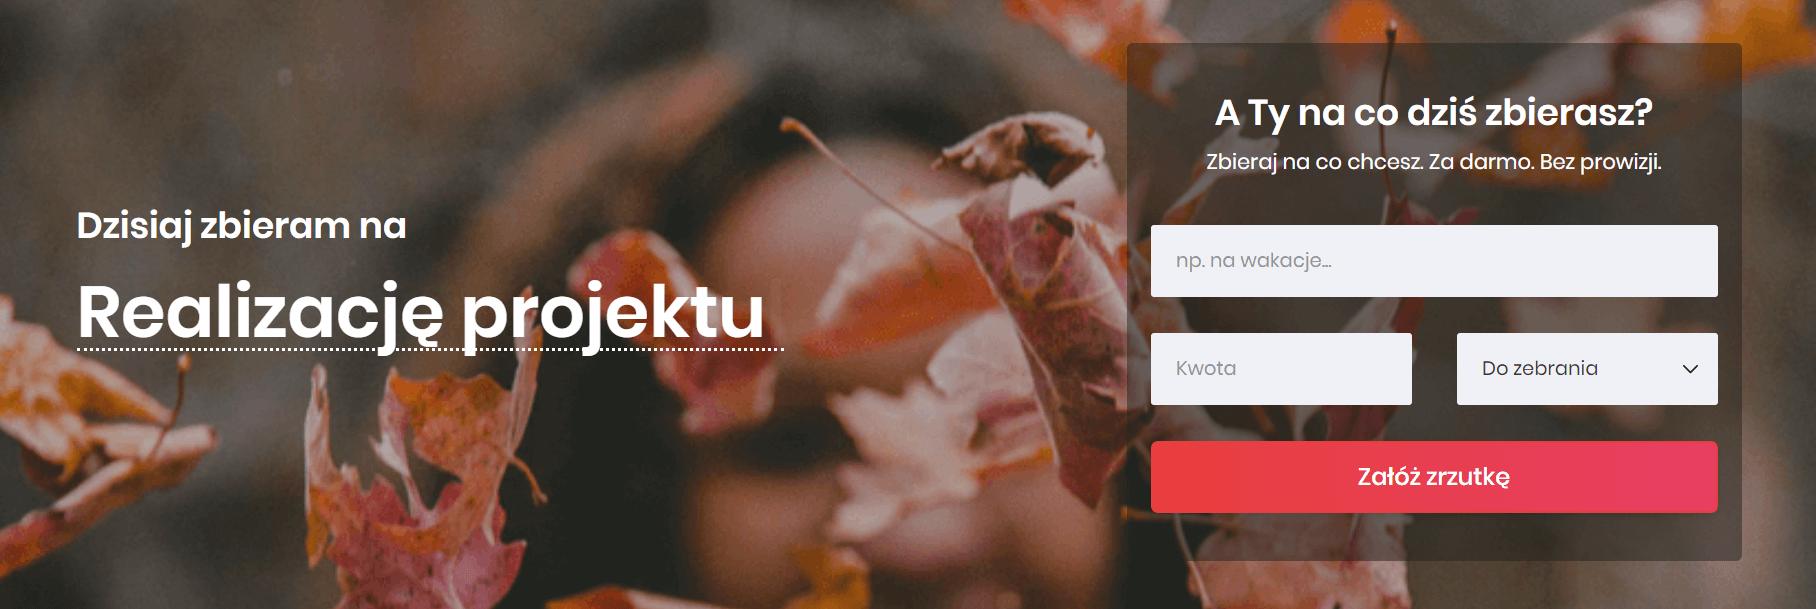 redesign_zrzutka